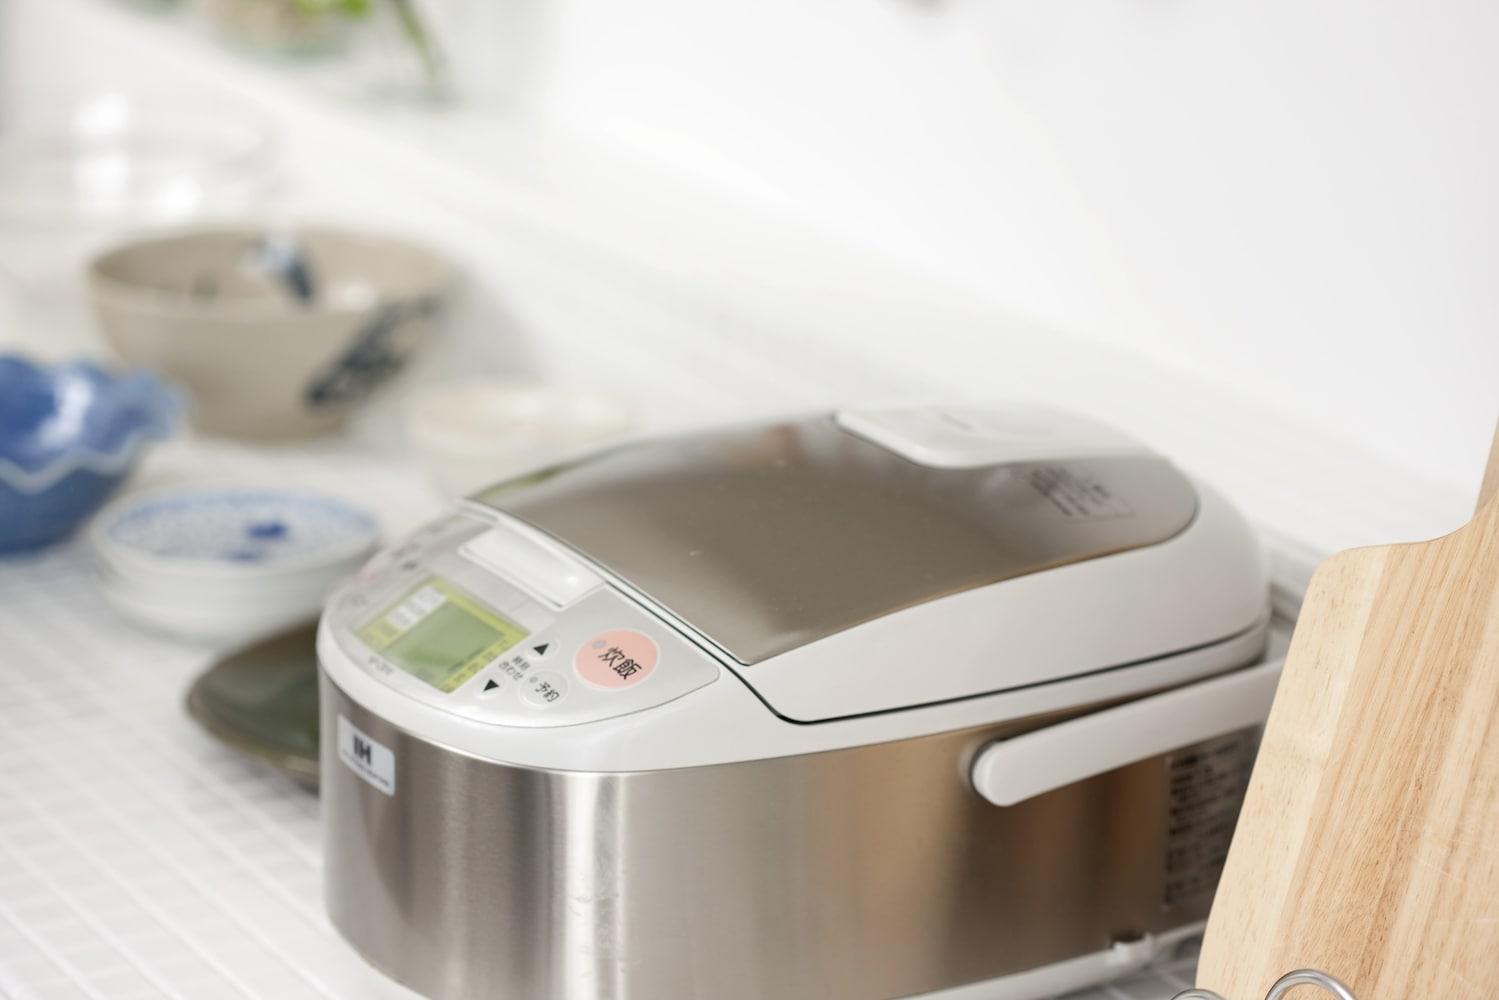 キッチンに置いた炊飯器